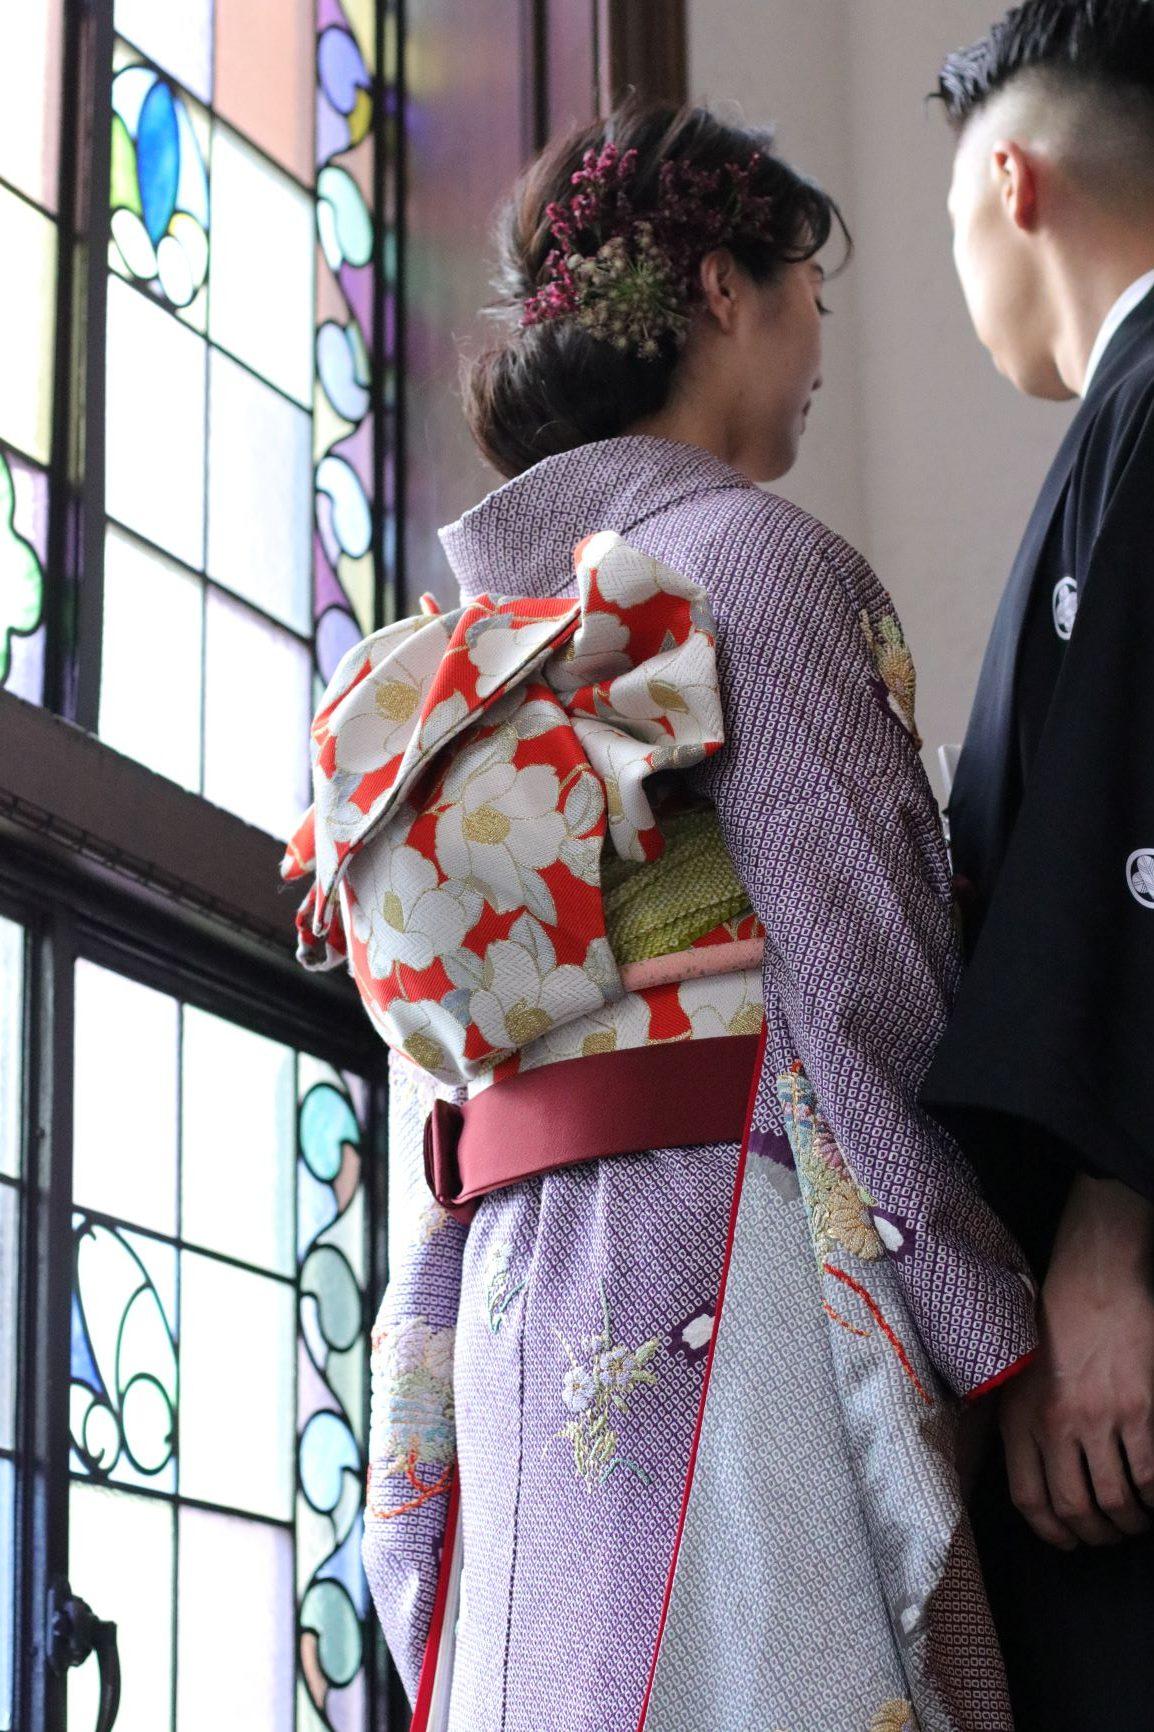 帯の結び方やお小物の合わせ方によって印象を変える本振袖は正面だけでなくバックスタイルも美しく、日本人女性らしい奥ゆかしく上品な印象中に花嫁様らしさを取り入れたコーディネートで、お写真を残していただくのはいかがでしょうか